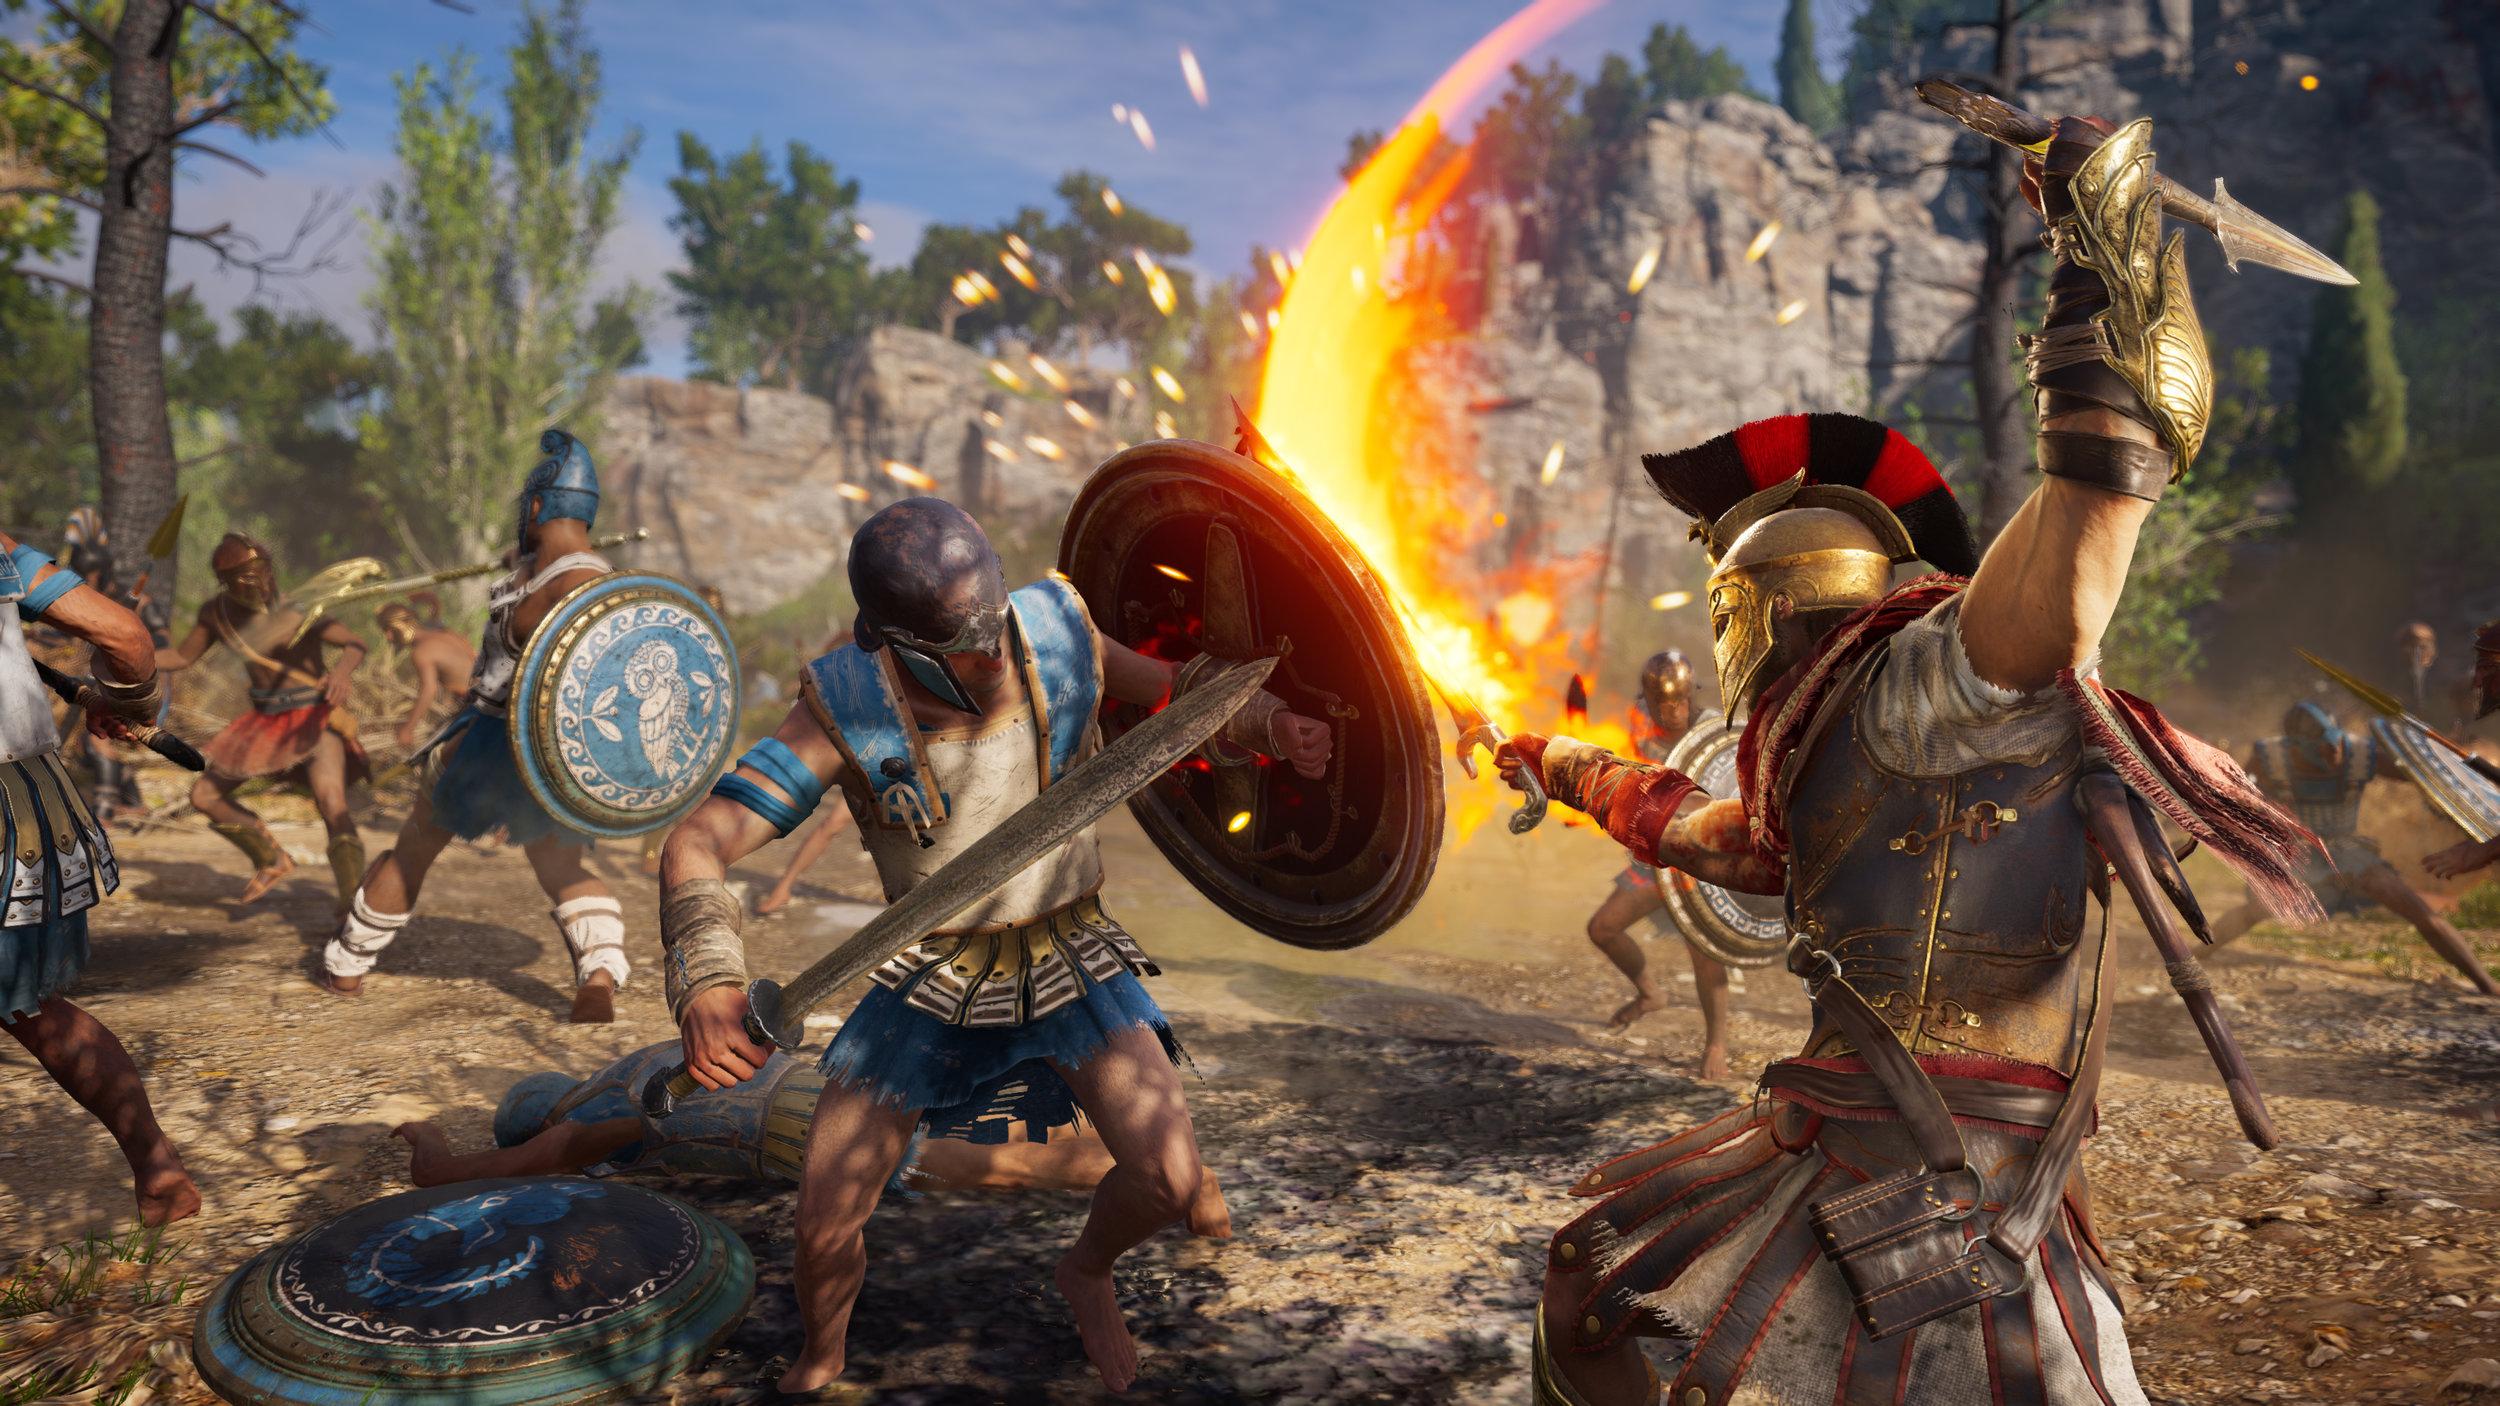 AssassinsCreedOdyssey_PS4_Reviews4.jpg.jpg